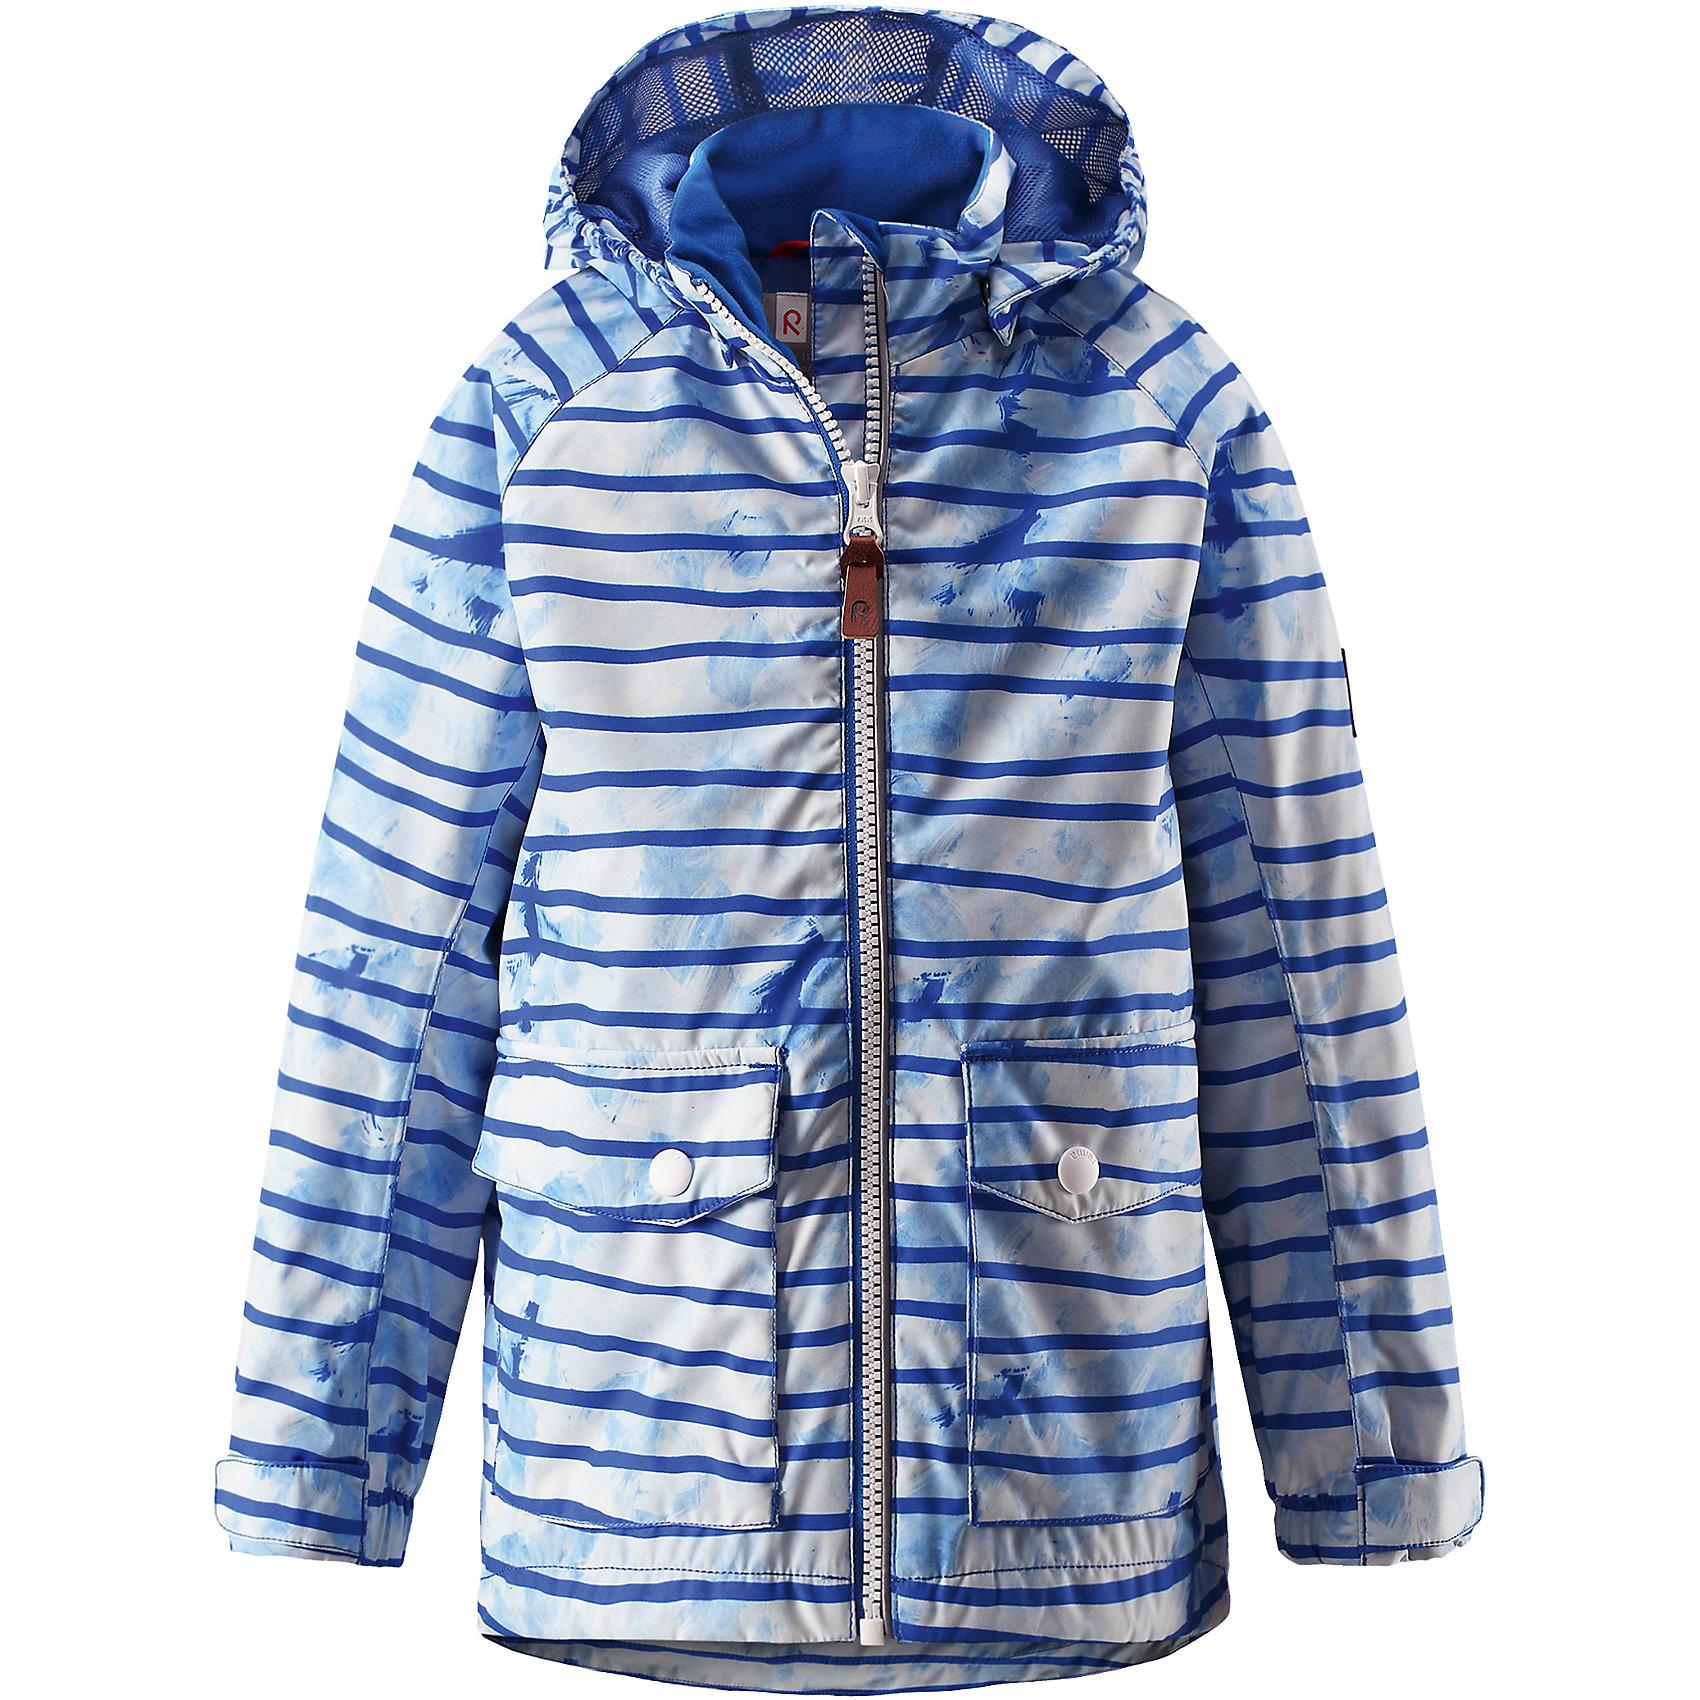 Куртка для мальчика Reimatec® ReimaОдежда<br>Характеристики товара:<br><br>• цвет: голубой<br>• состав: 100% полиэстер, полиуретановое покрытие<br>• температурный режим: от +5° до +15°С<br>• водонепроницаемость: 5000 мм<br>• воздухопроницаемость: 3000 мм<br>• износостойкость: 15000 циклов (тест Мартиндейла)<br>• без утеплителя<br>• основные швы проклеены, водонепроницаемы<br>• водоотталкивающий, ветронепроницаемый, дышащий и водонепроницаемый материал<br>• гладкая подкладка из полиэстера на туловище, подкладка из mesh-сетки на капюшоне<br>• безопасный съёмный капюшон<br>• регулируемые манжеты на застёжке-липучке<br>• регулируемый подол<br>• два кармана с клапанами<br>• светоотражающие детали<br>• комфортная посадка<br>• страна производства: Китай<br>• страна бренда: Финляндия<br>• коллекция: весна-лето 2017<br><br>В межсезонье верхняя одежда для детей может быть модной и комфортной одновременно! Демисезонная куртка поможет обеспечить ребенку комфорт и тепло. Она отлично смотрится с различной одеждой и обувью. Изделие удобно сидит и модно выглядит. Материал - прочный, хорошо подходящий для межсезонья, водо- и ветронепроницаемый, «дышащий». Стильный дизайн разрабатывался специально для детей.<br><br>Одежда и обувь от финского бренда Reima пользуется популярностью во многих странах. Эти изделия стильные, качественные и удобные. Для производства продукции используются только безопасные, проверенные материалы и фурнитура. Порадуйте ребенка модными и красивыми вещами от Reima! <br><br>Куртку для мальчика Reimatec® от финского бренда Reima (Рейма) можно купить в нашем интернет-магазине.<br><br>Ширина мм: 356<br>Глубина мм: 10<br>Высота мм: 245<br>Вес г: 519<br>Цвет: синий<br>Возраст от месяцев: 48<br>Возраст до месяцев: 60<br>Пол: Мужской<br>Возраст: Детский<br>Размер: 110,128,134,140,92,152,122,116,146,98,104<br>SKU: 5270657